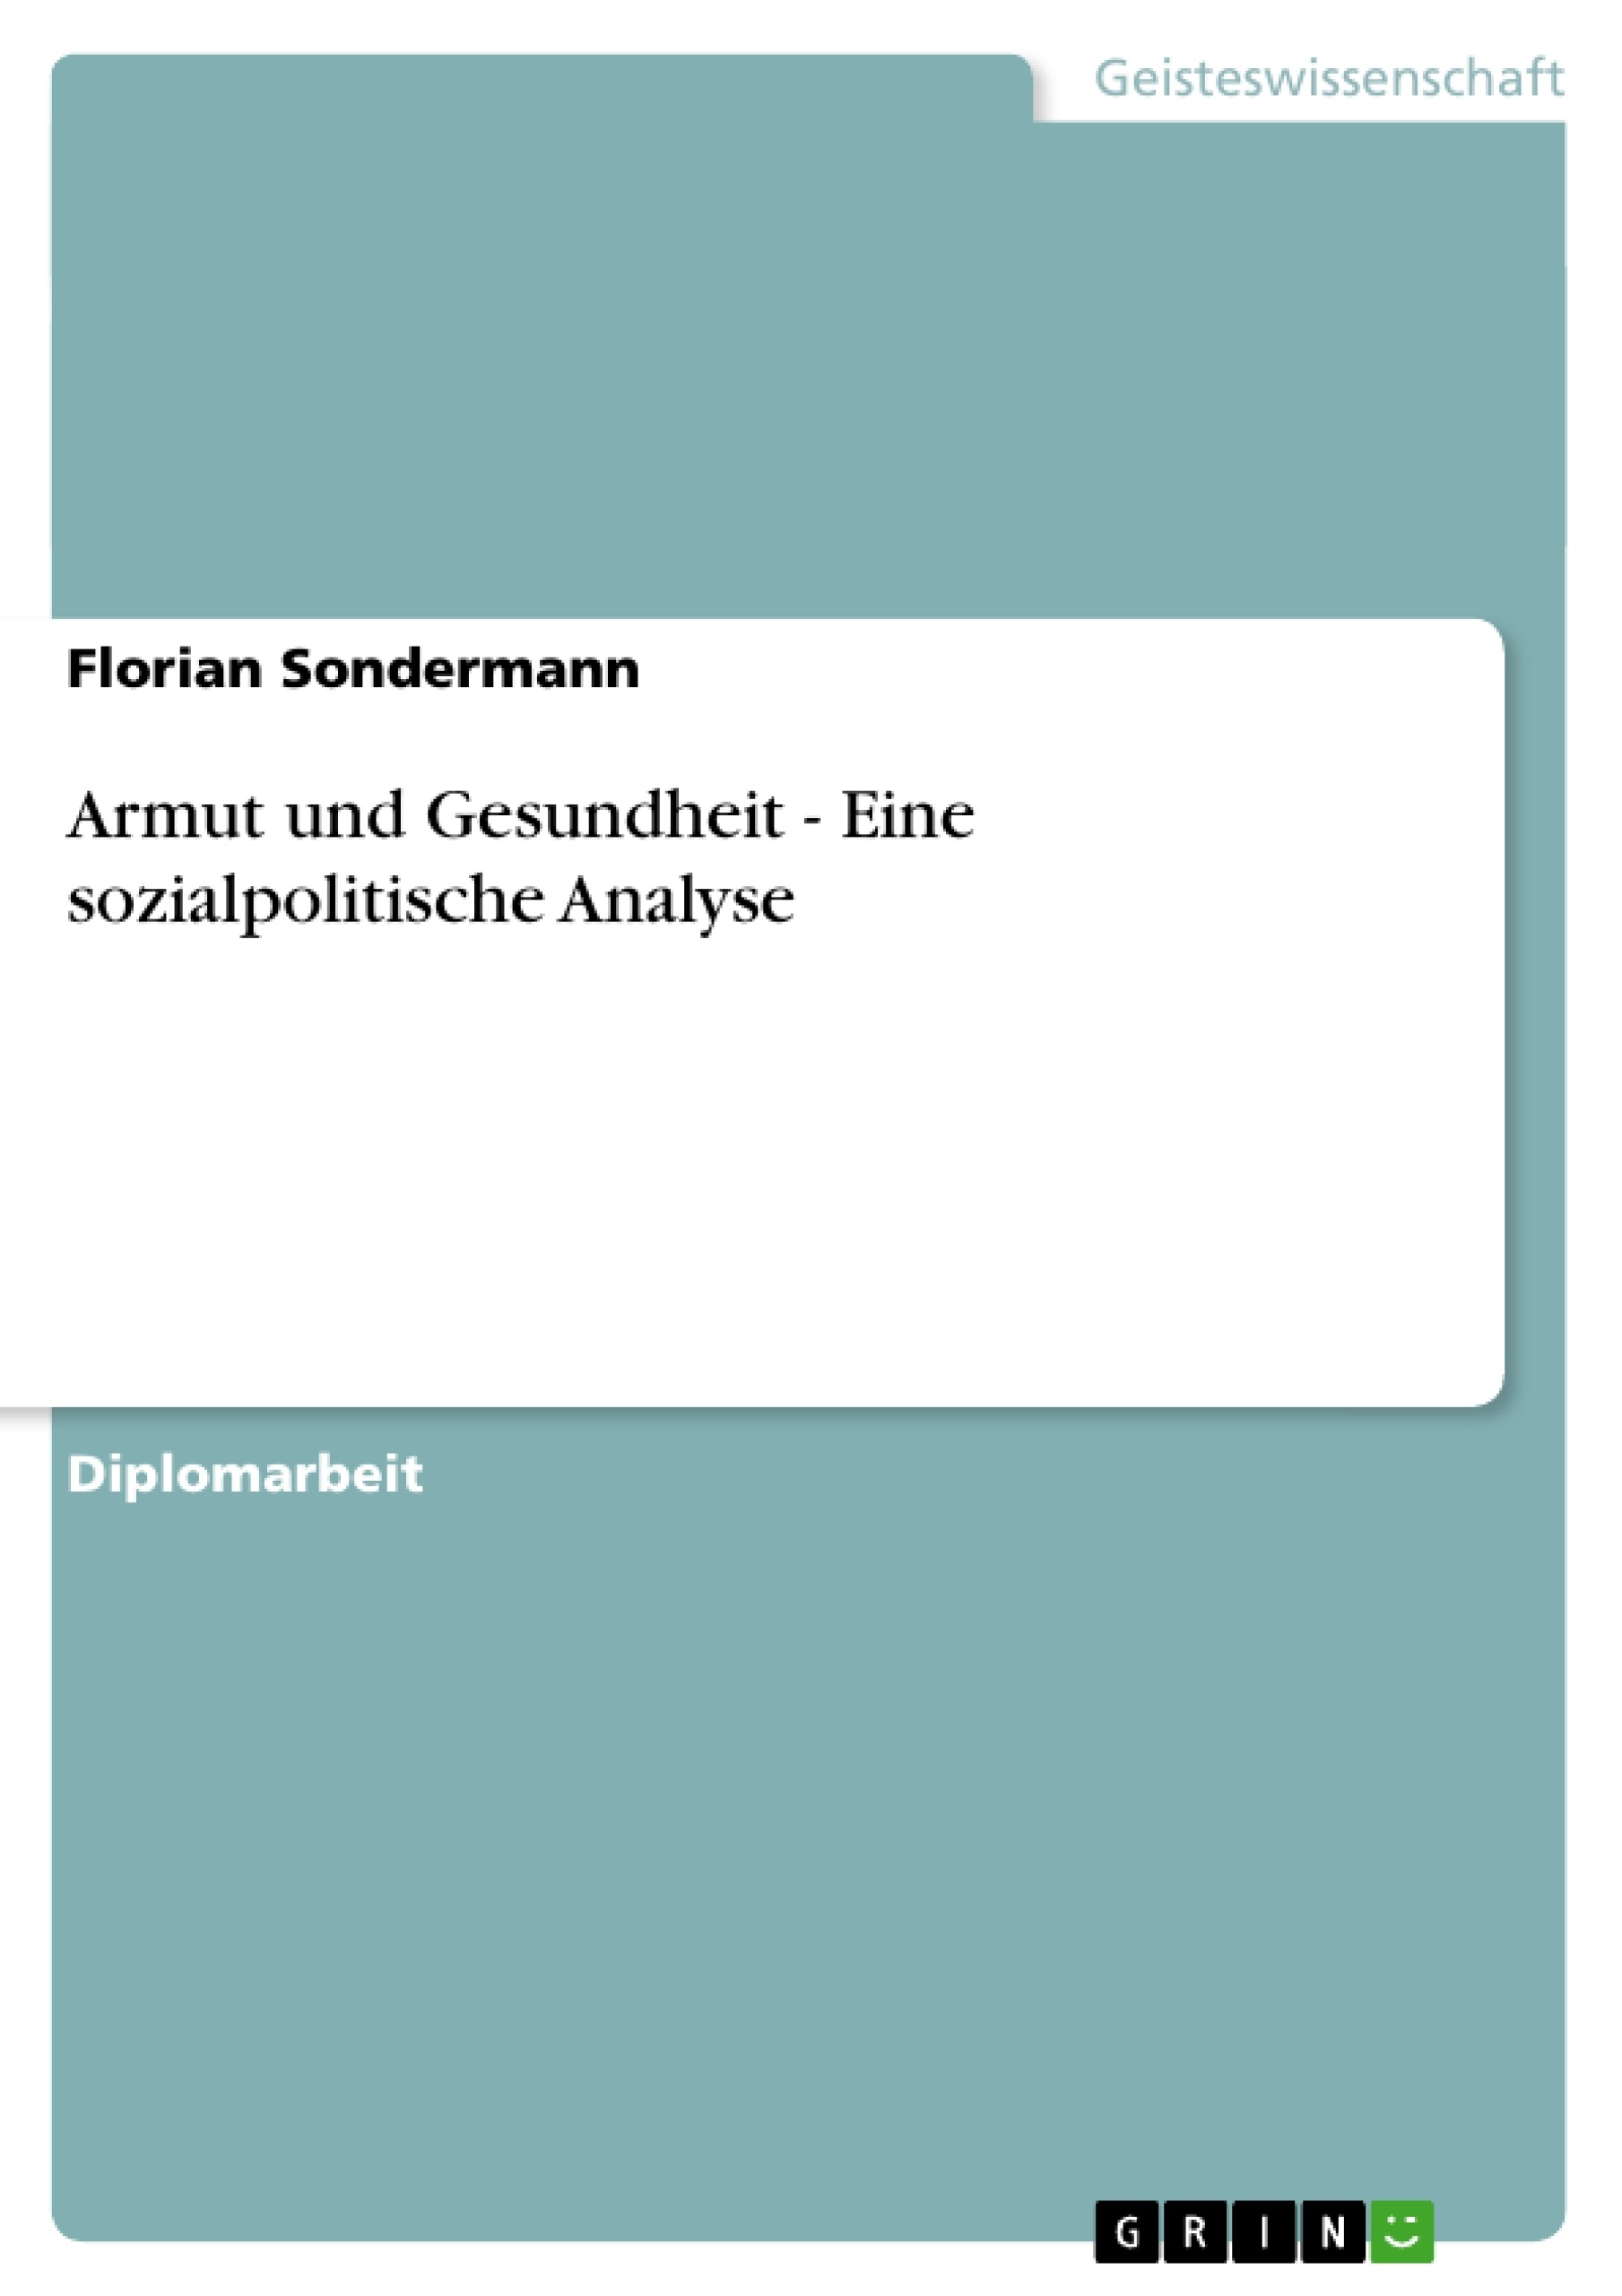 Titel: Armut und Gesundheit - Eine sozialpolitische Analyse